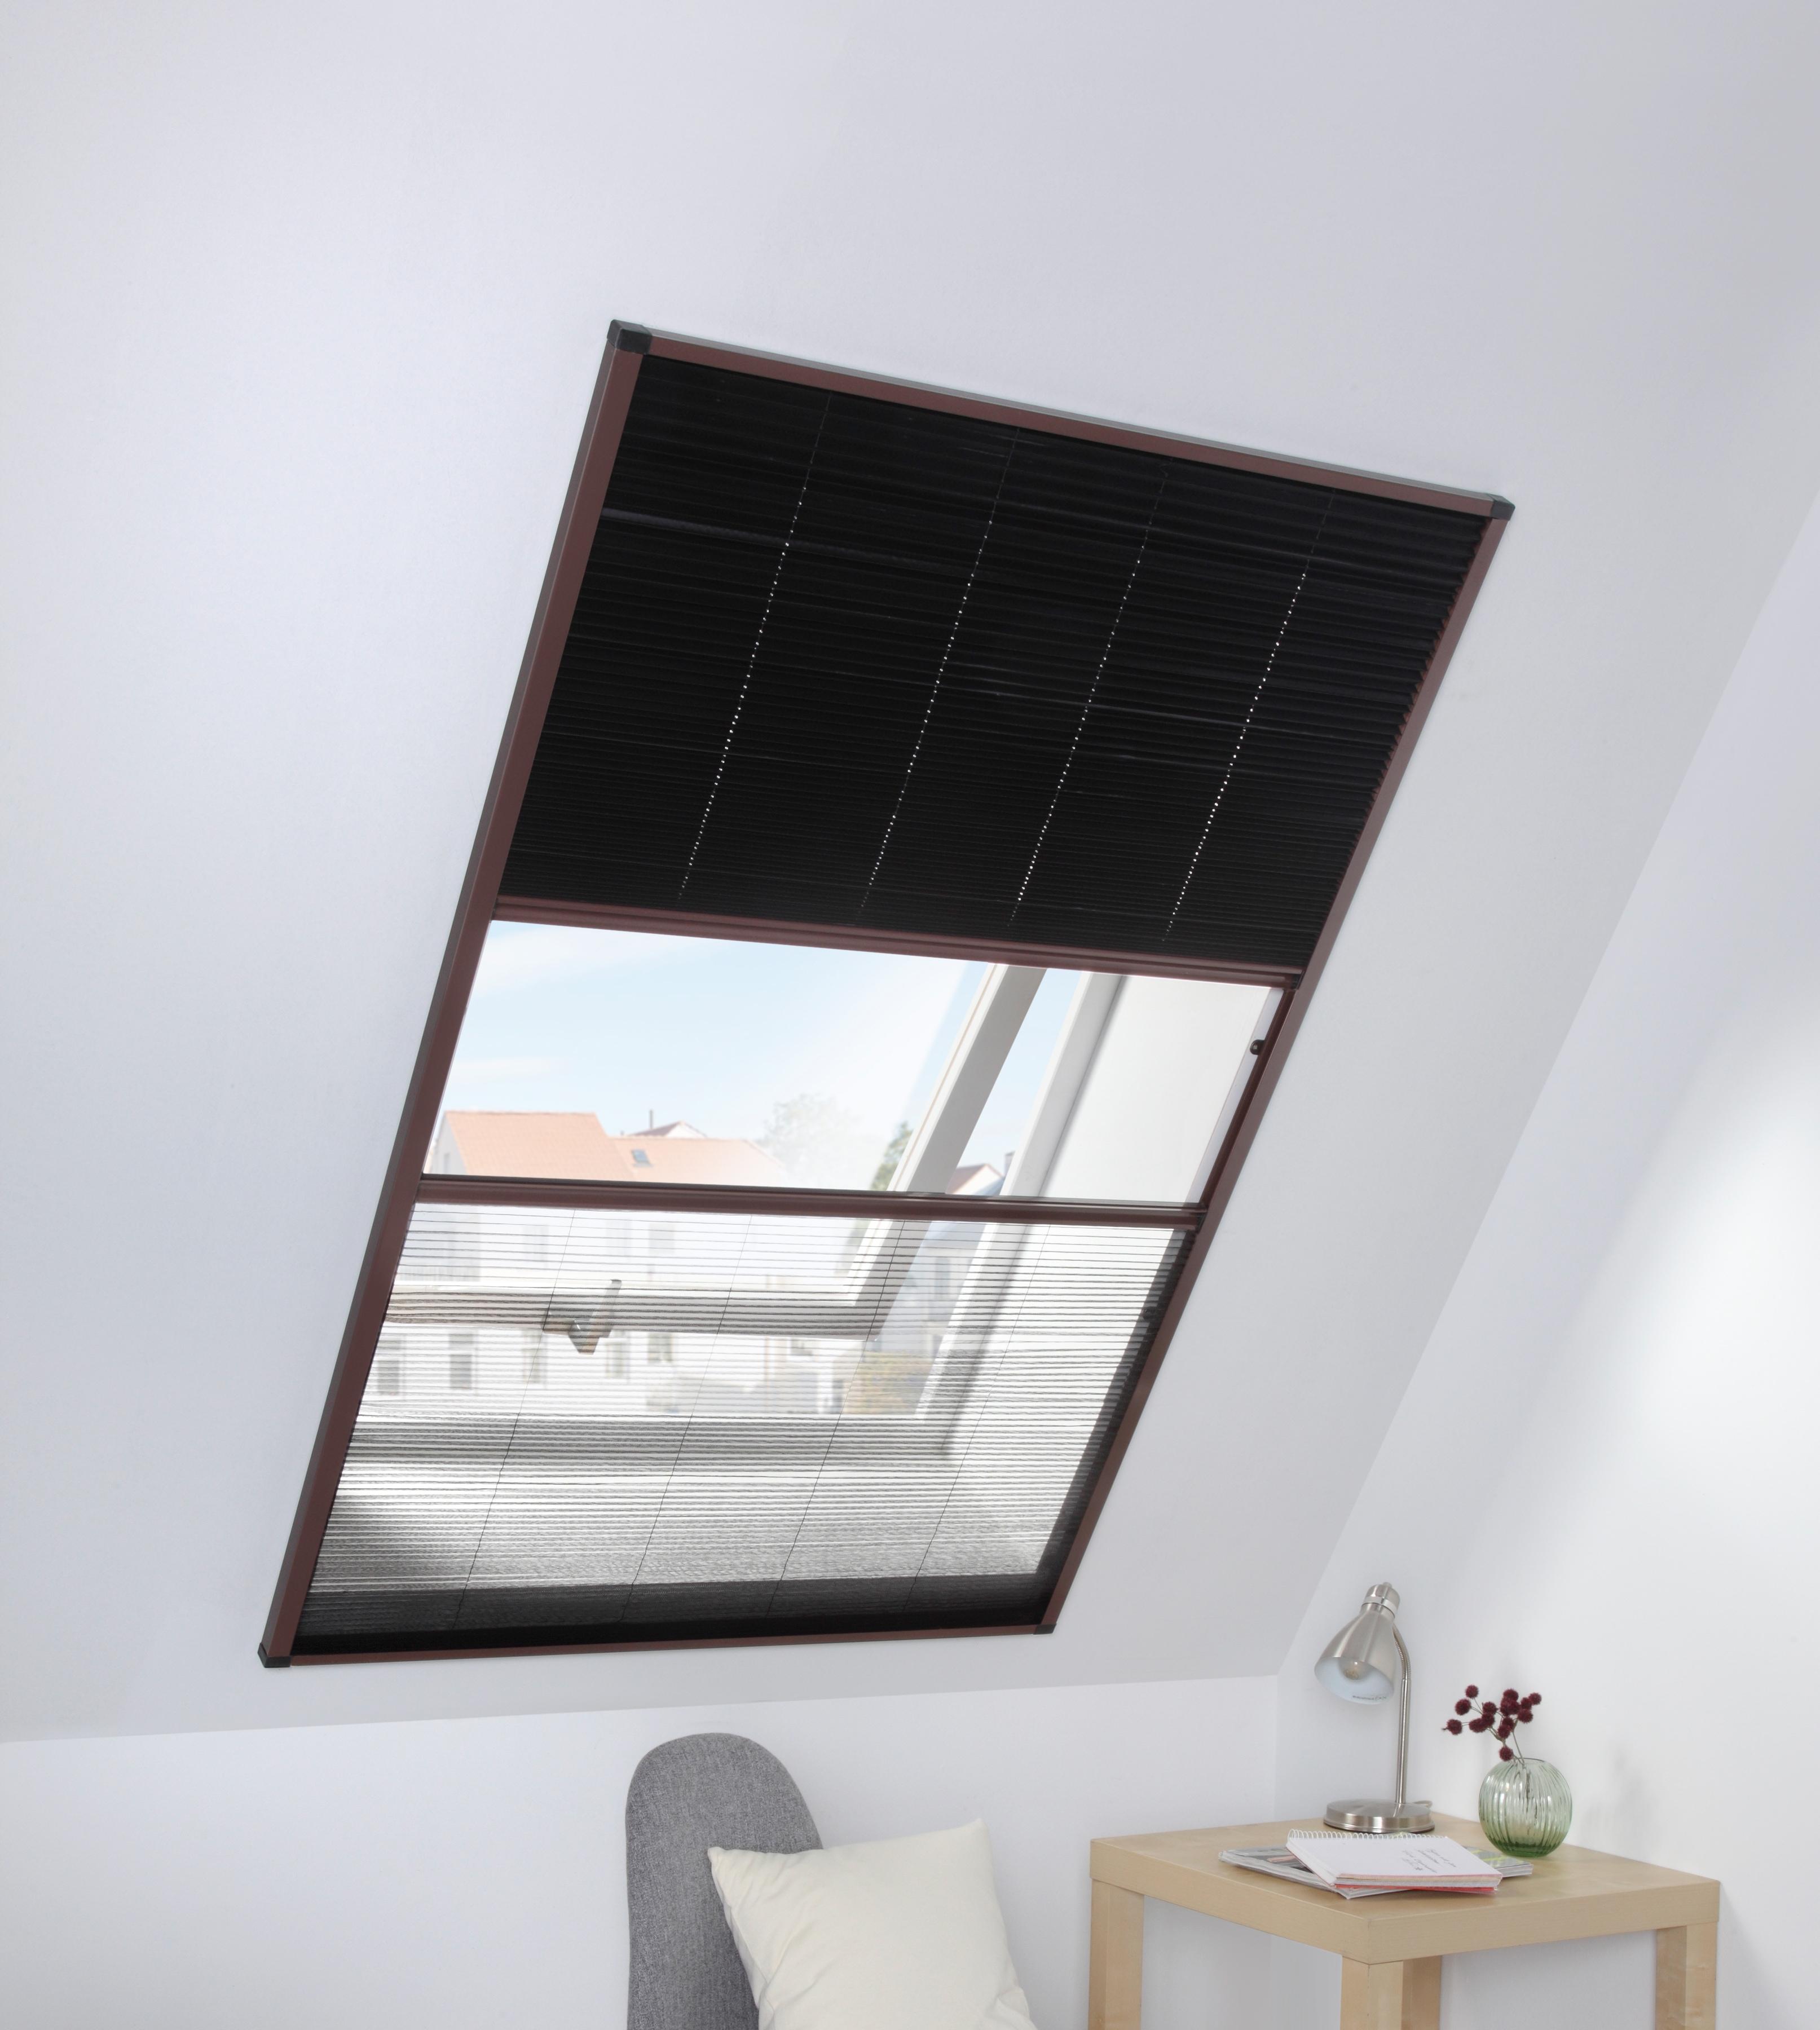 Image of HECHT Dachfensterplissee braun/schwarz, BxH: 110x160 cm